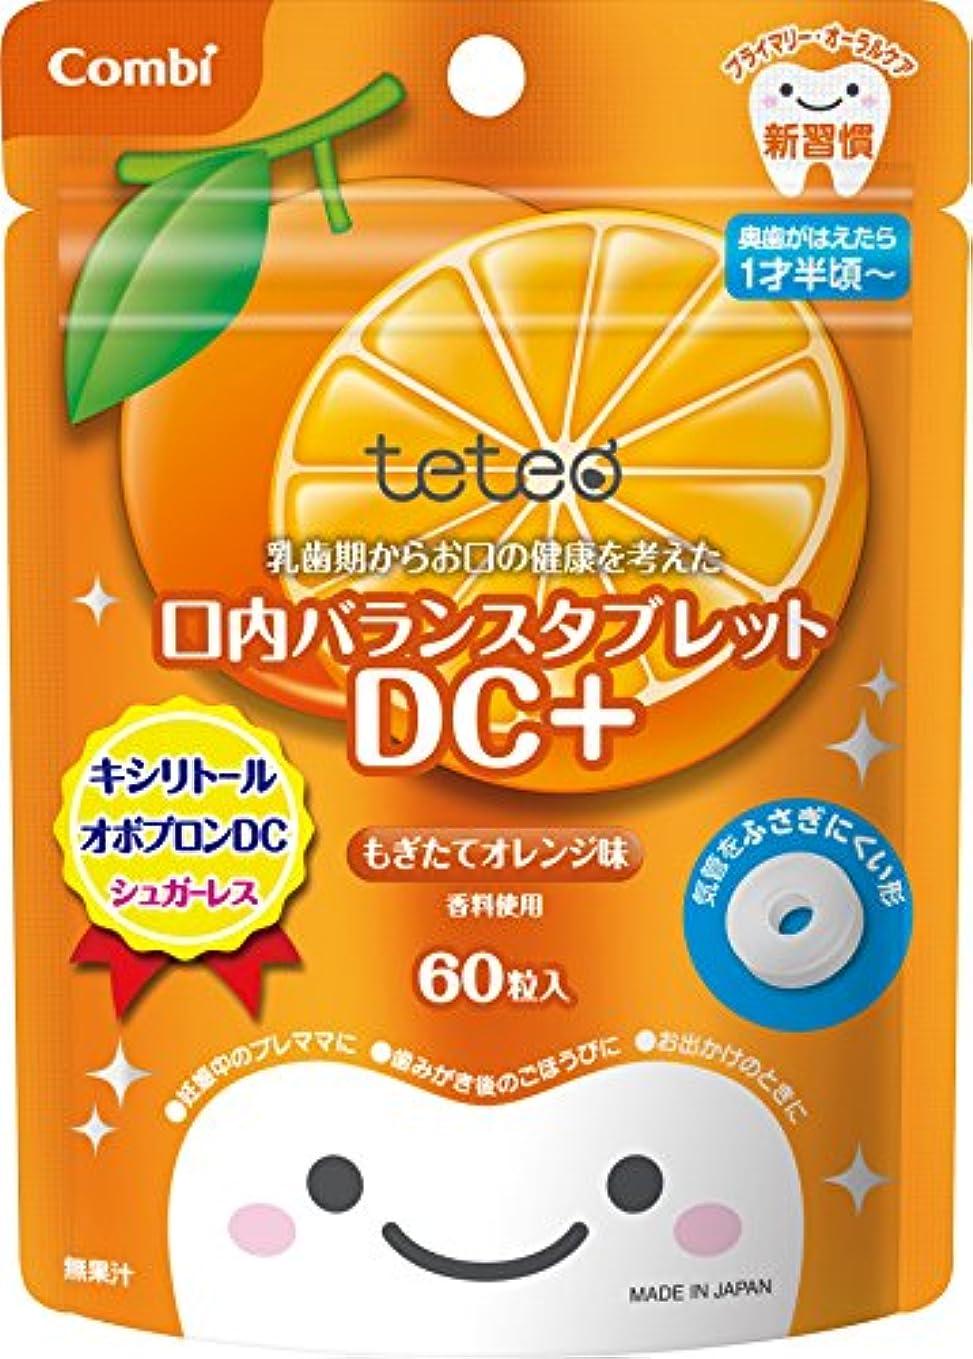 ハウス超えて読むコンビ テテオ 乳歯期からお口の健康を考えた 口内バランスタブレット DC+ もぎたてオレンジ味 60粒入